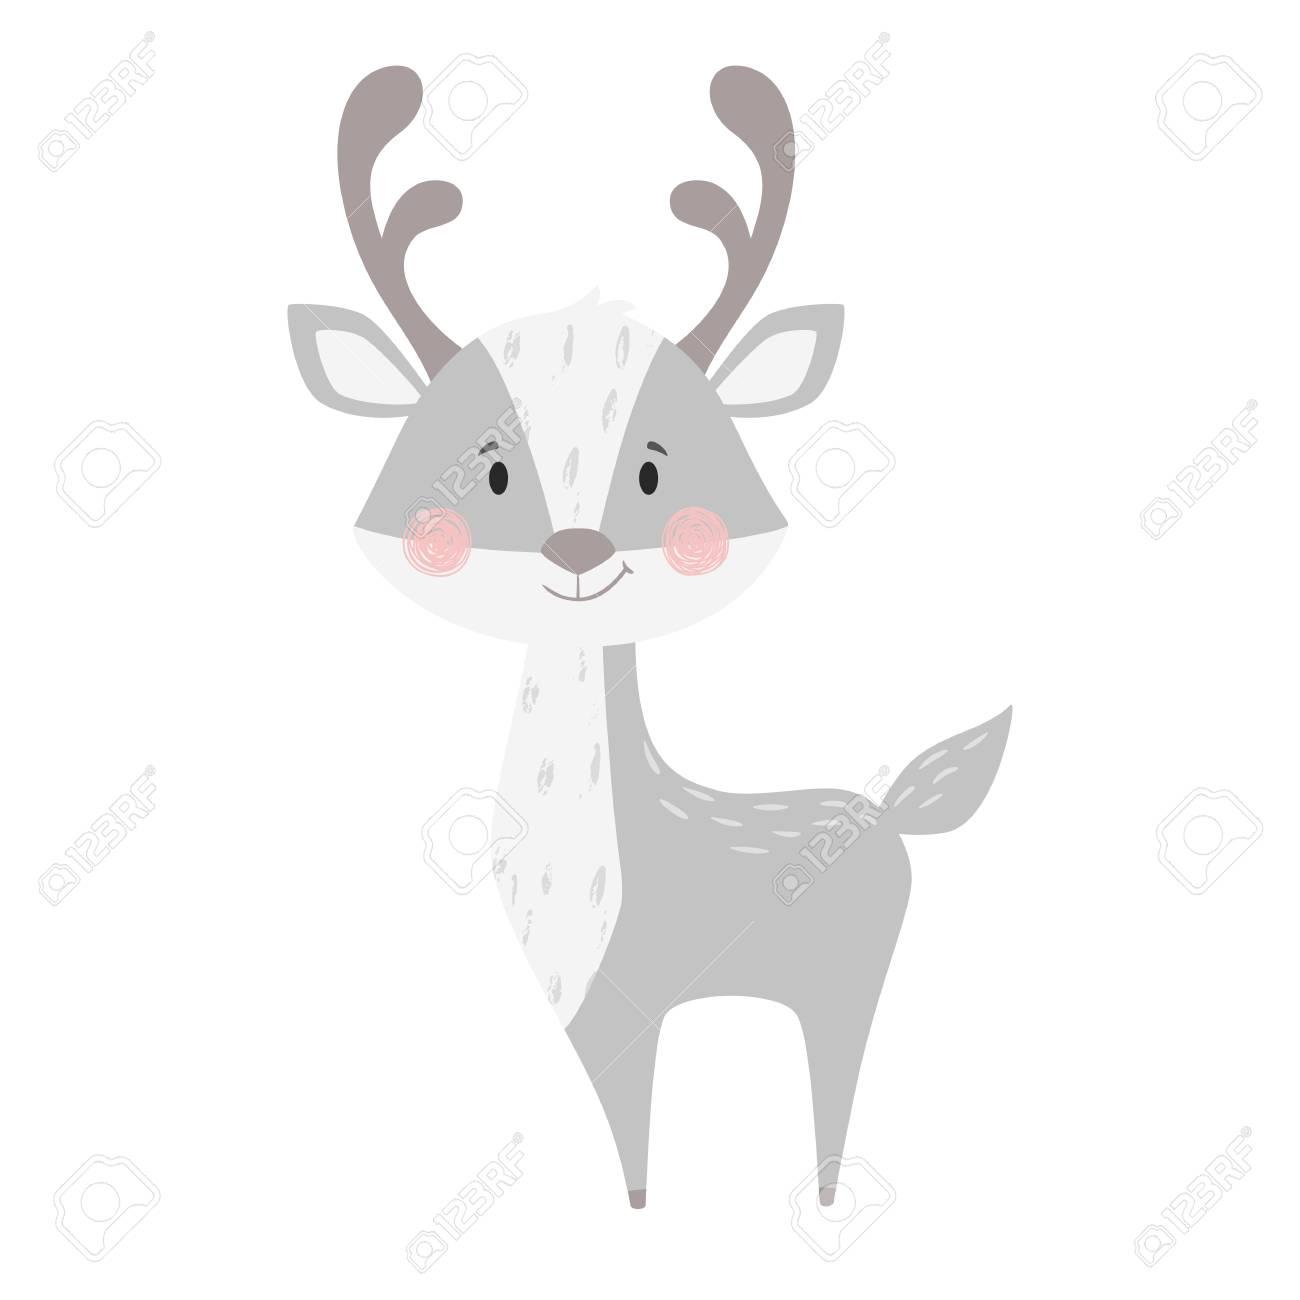 Deer Baby Print Cute Animal Cool Reindeer Illustration For